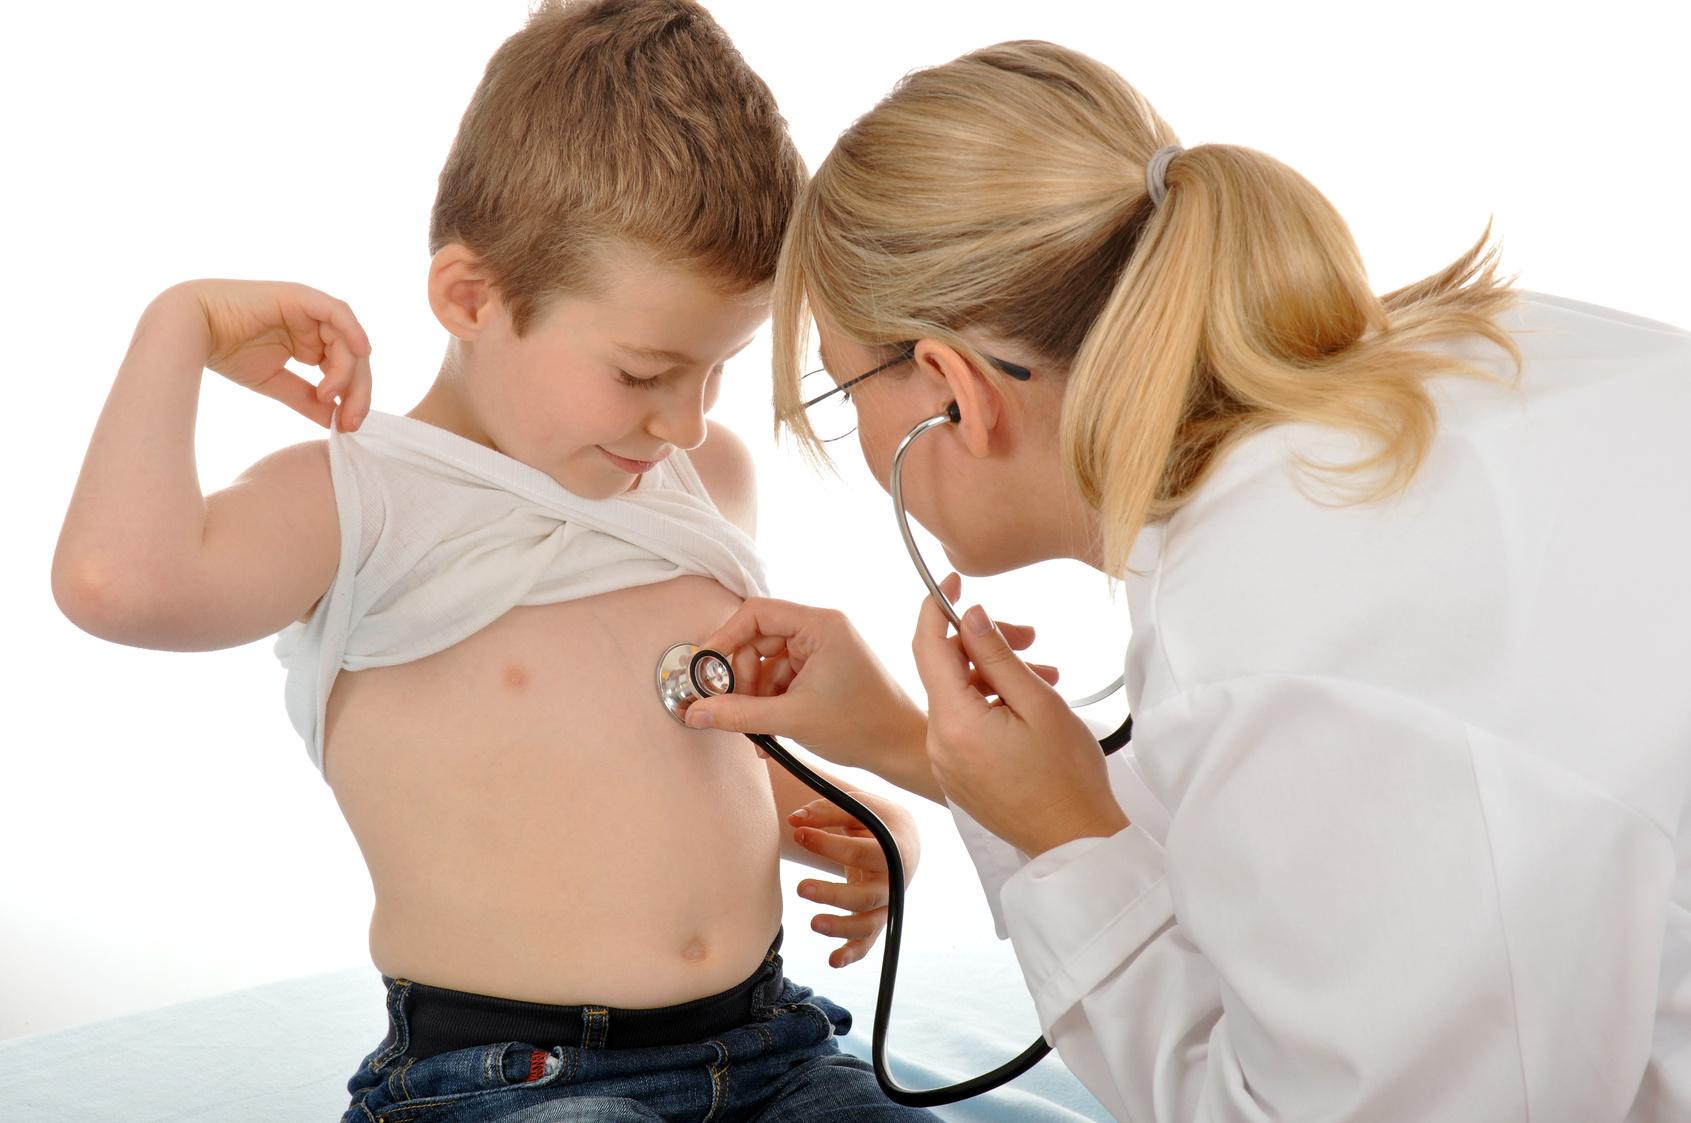 Baby Arztspiele